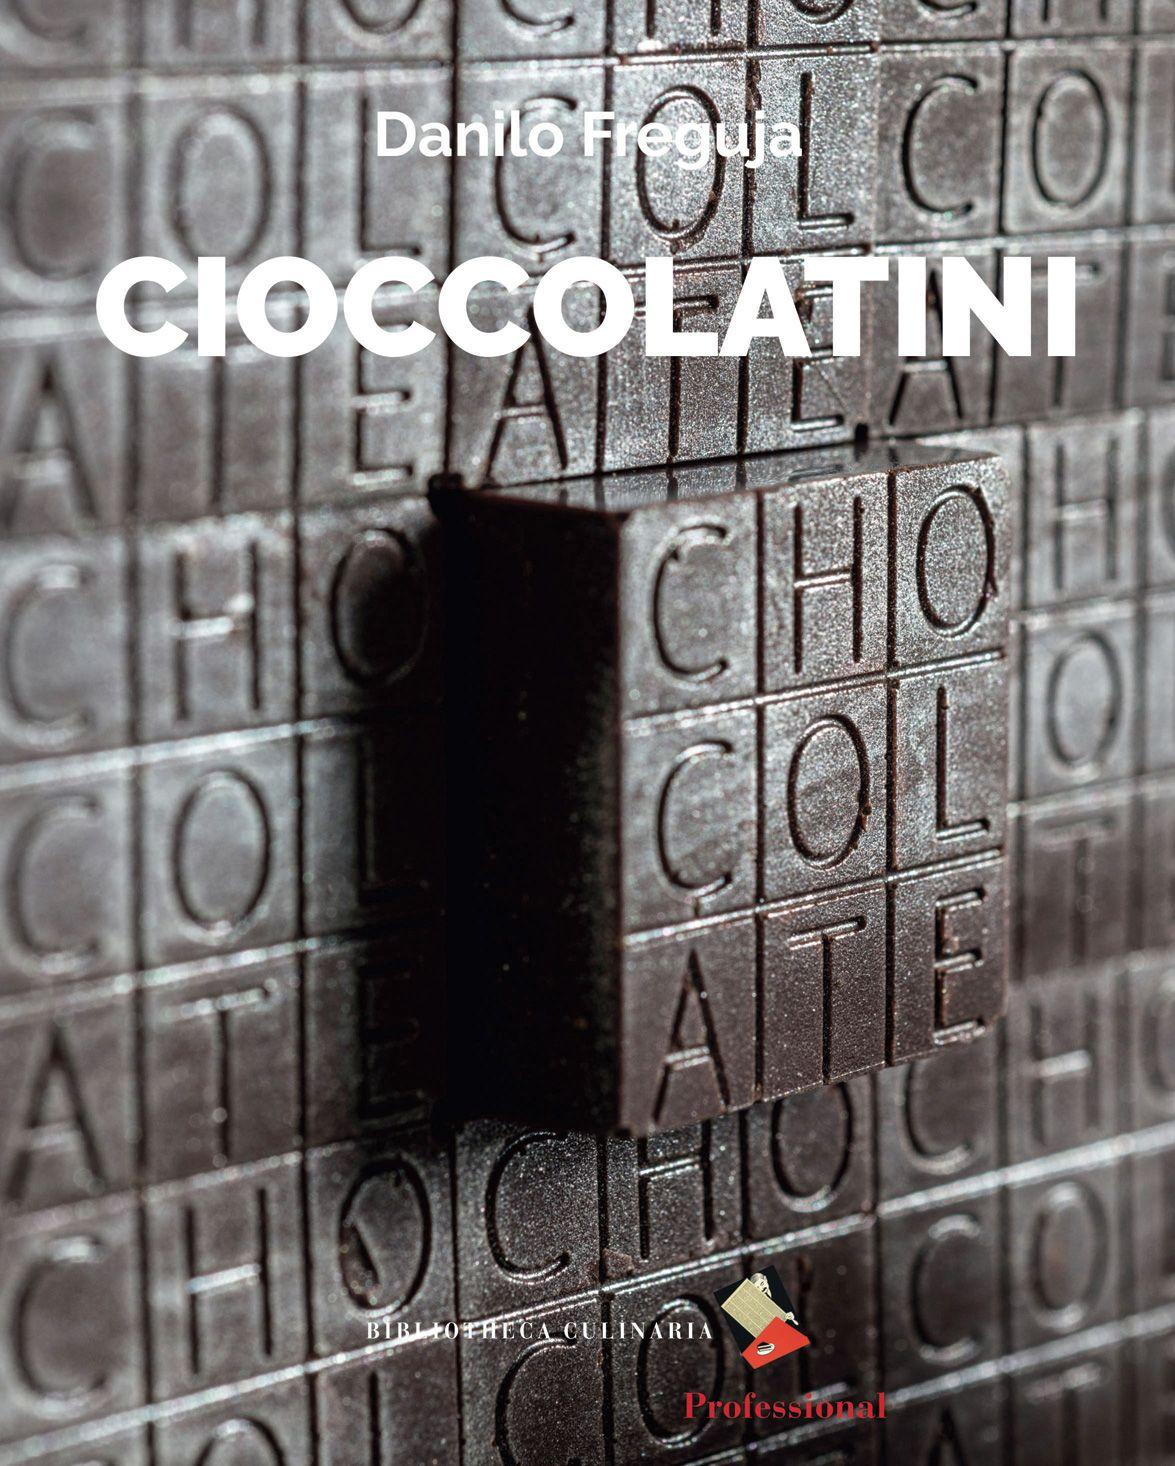 Uno strumento di lavoro fondamentale per il pasticciere che vuole fare del cioccolato il punto di forza della sua offerta.